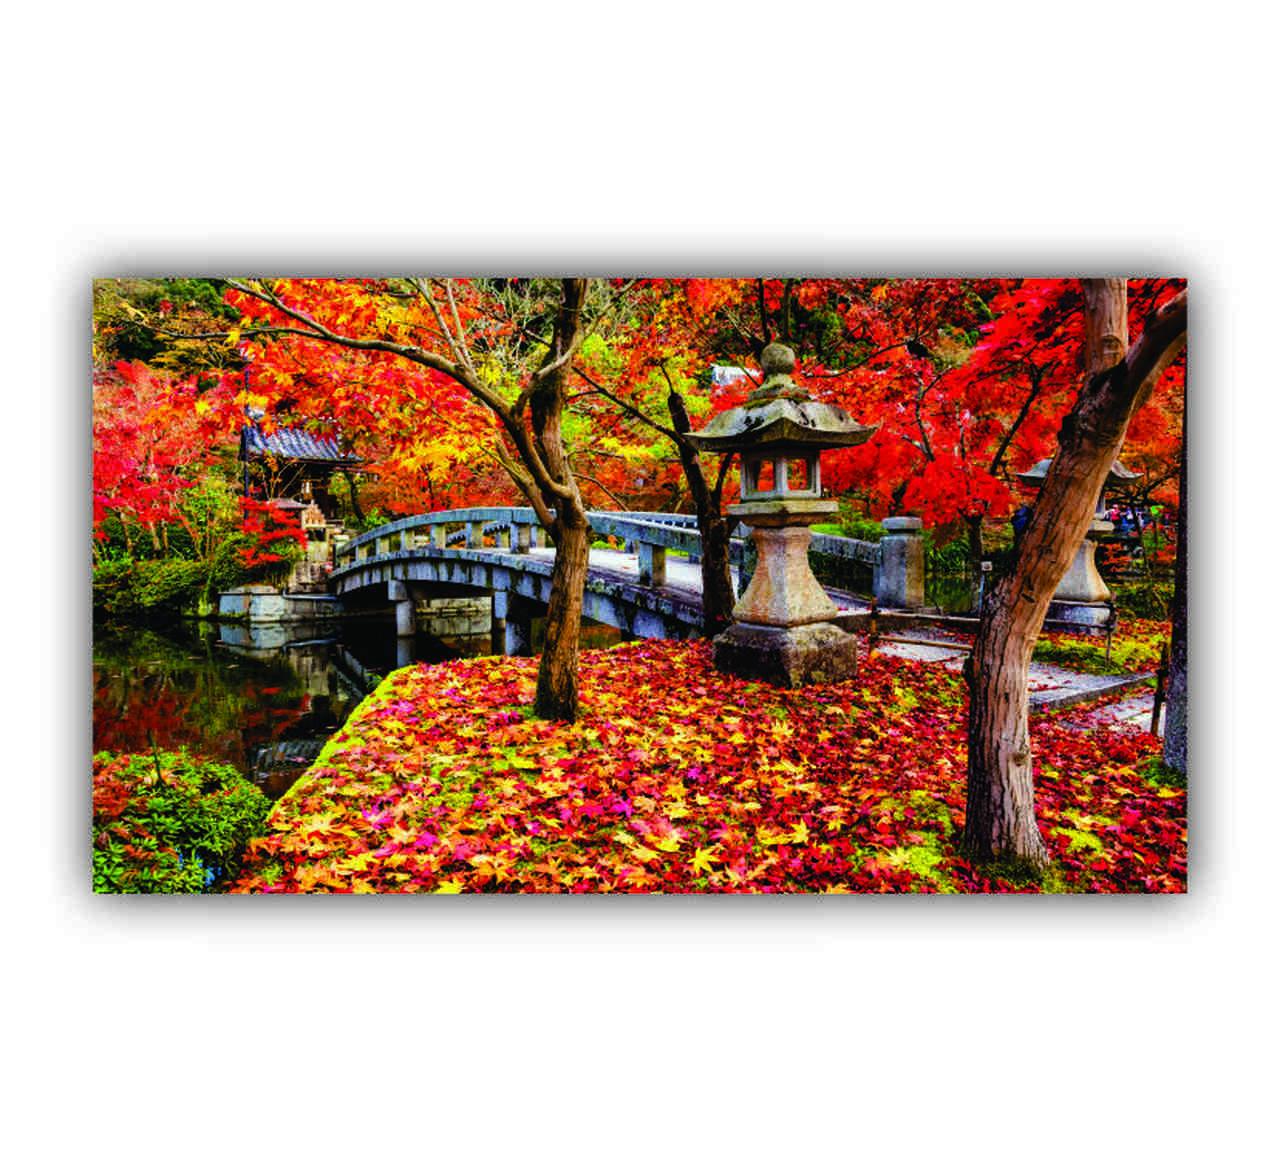 Quadro Árvore Outono Florido - Tela Única